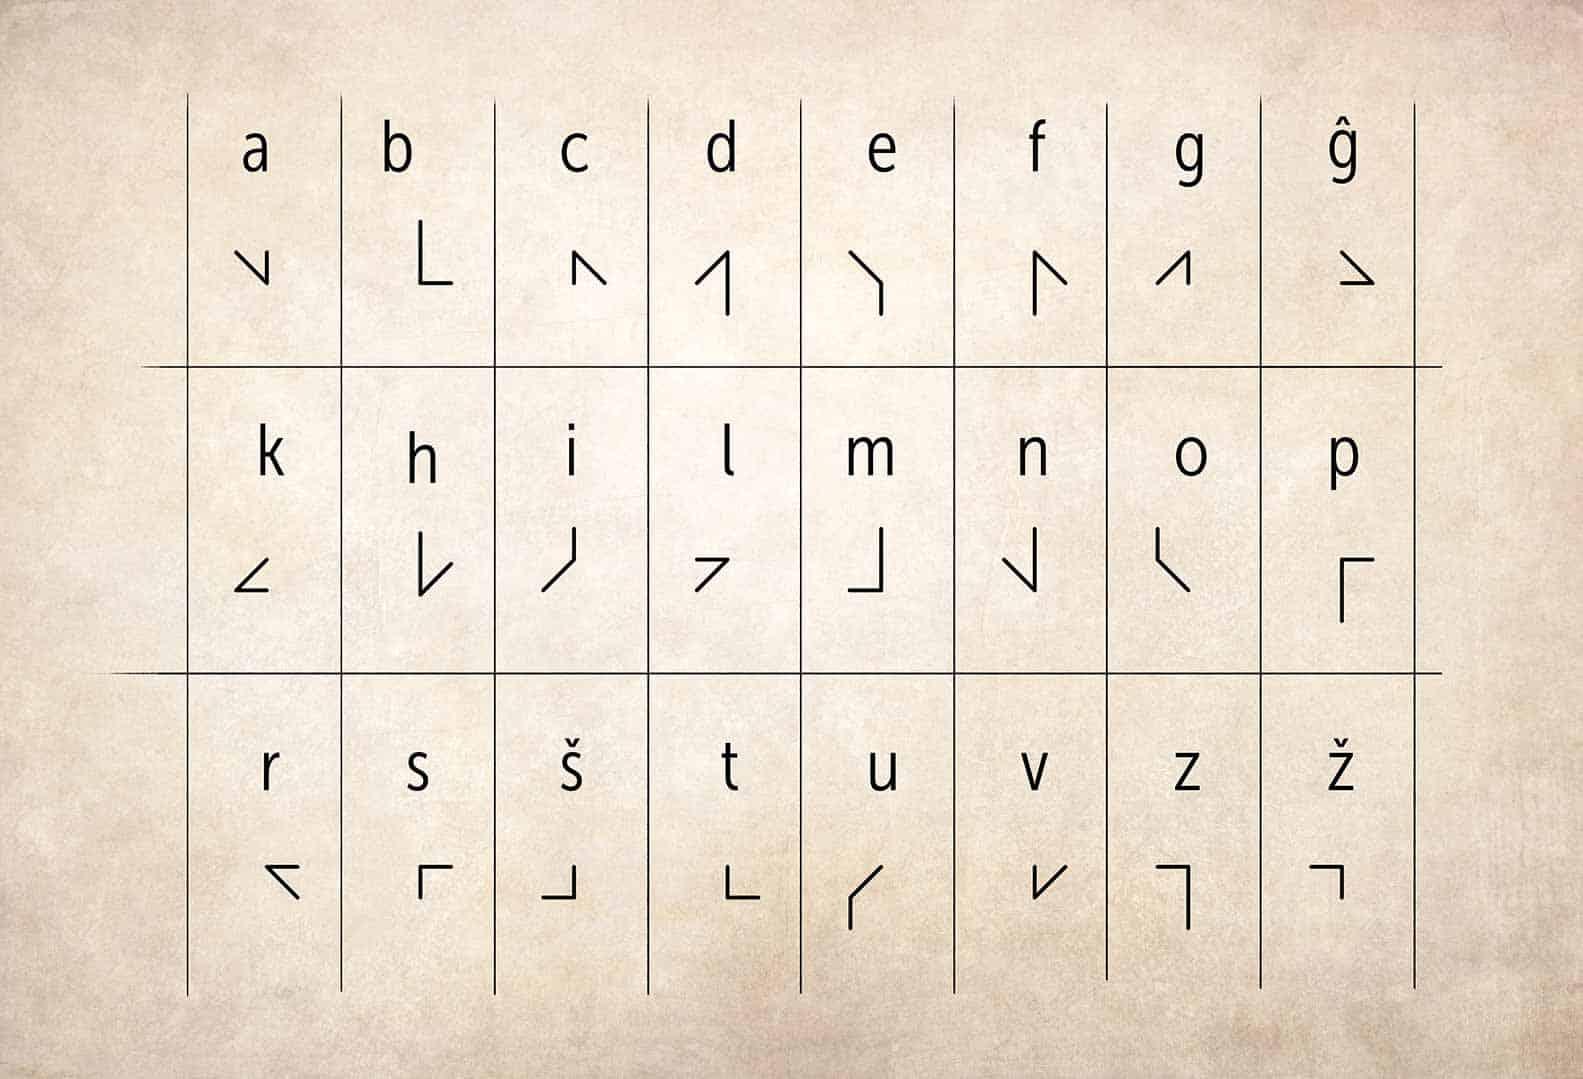 lingua parlata dei nani delle pianure su pergamena